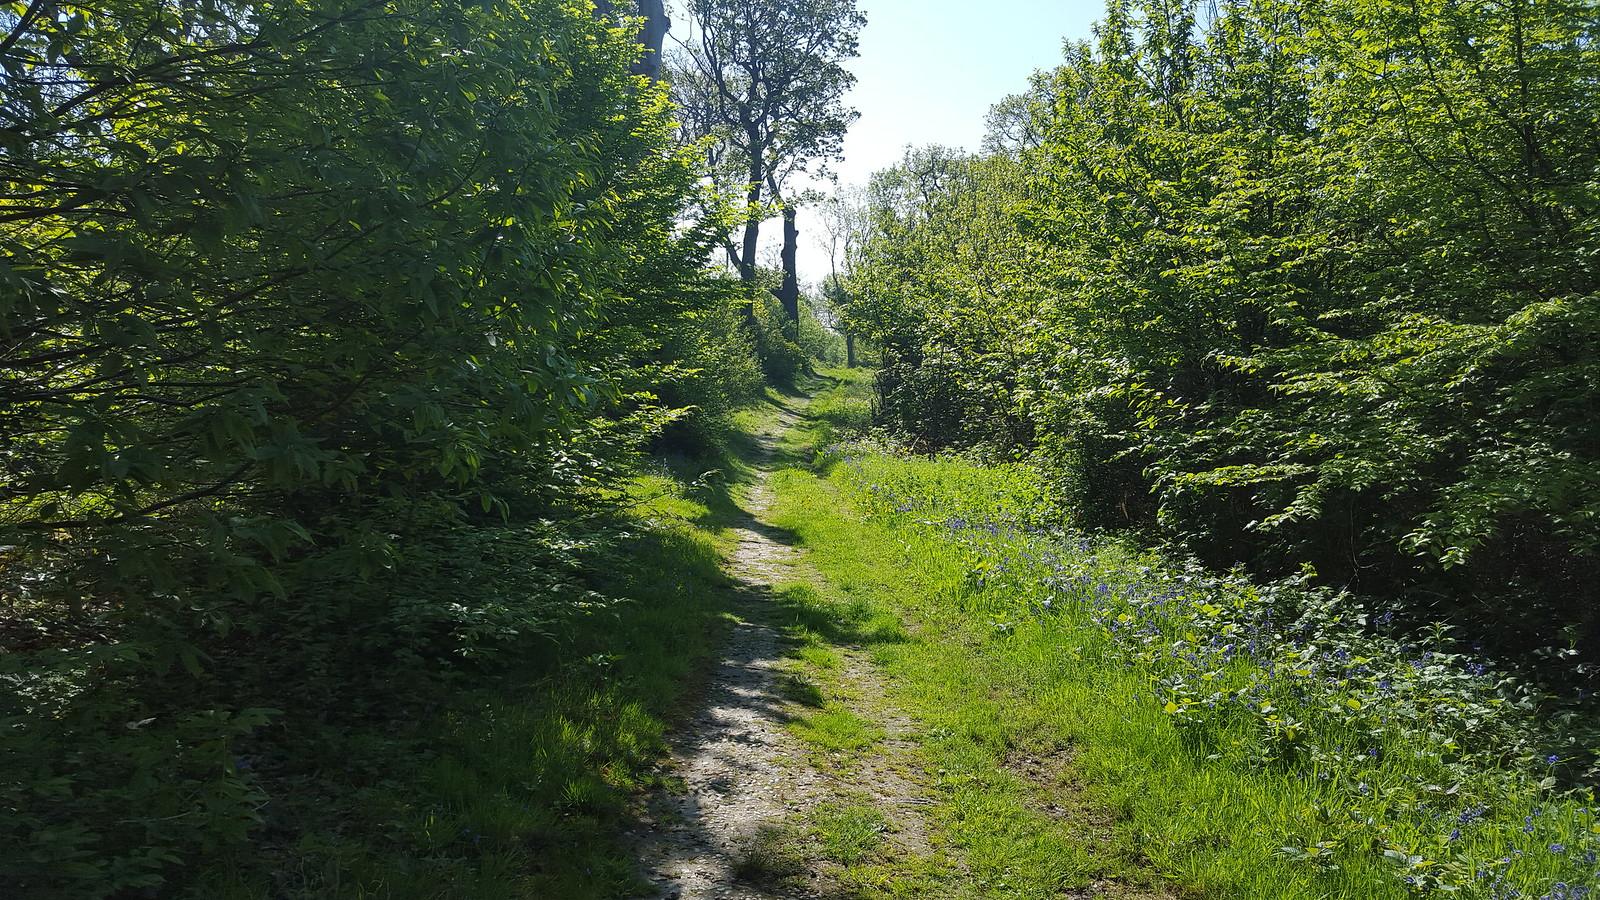 Farningham Road to Eynsford (circular walk from Farningham Road)